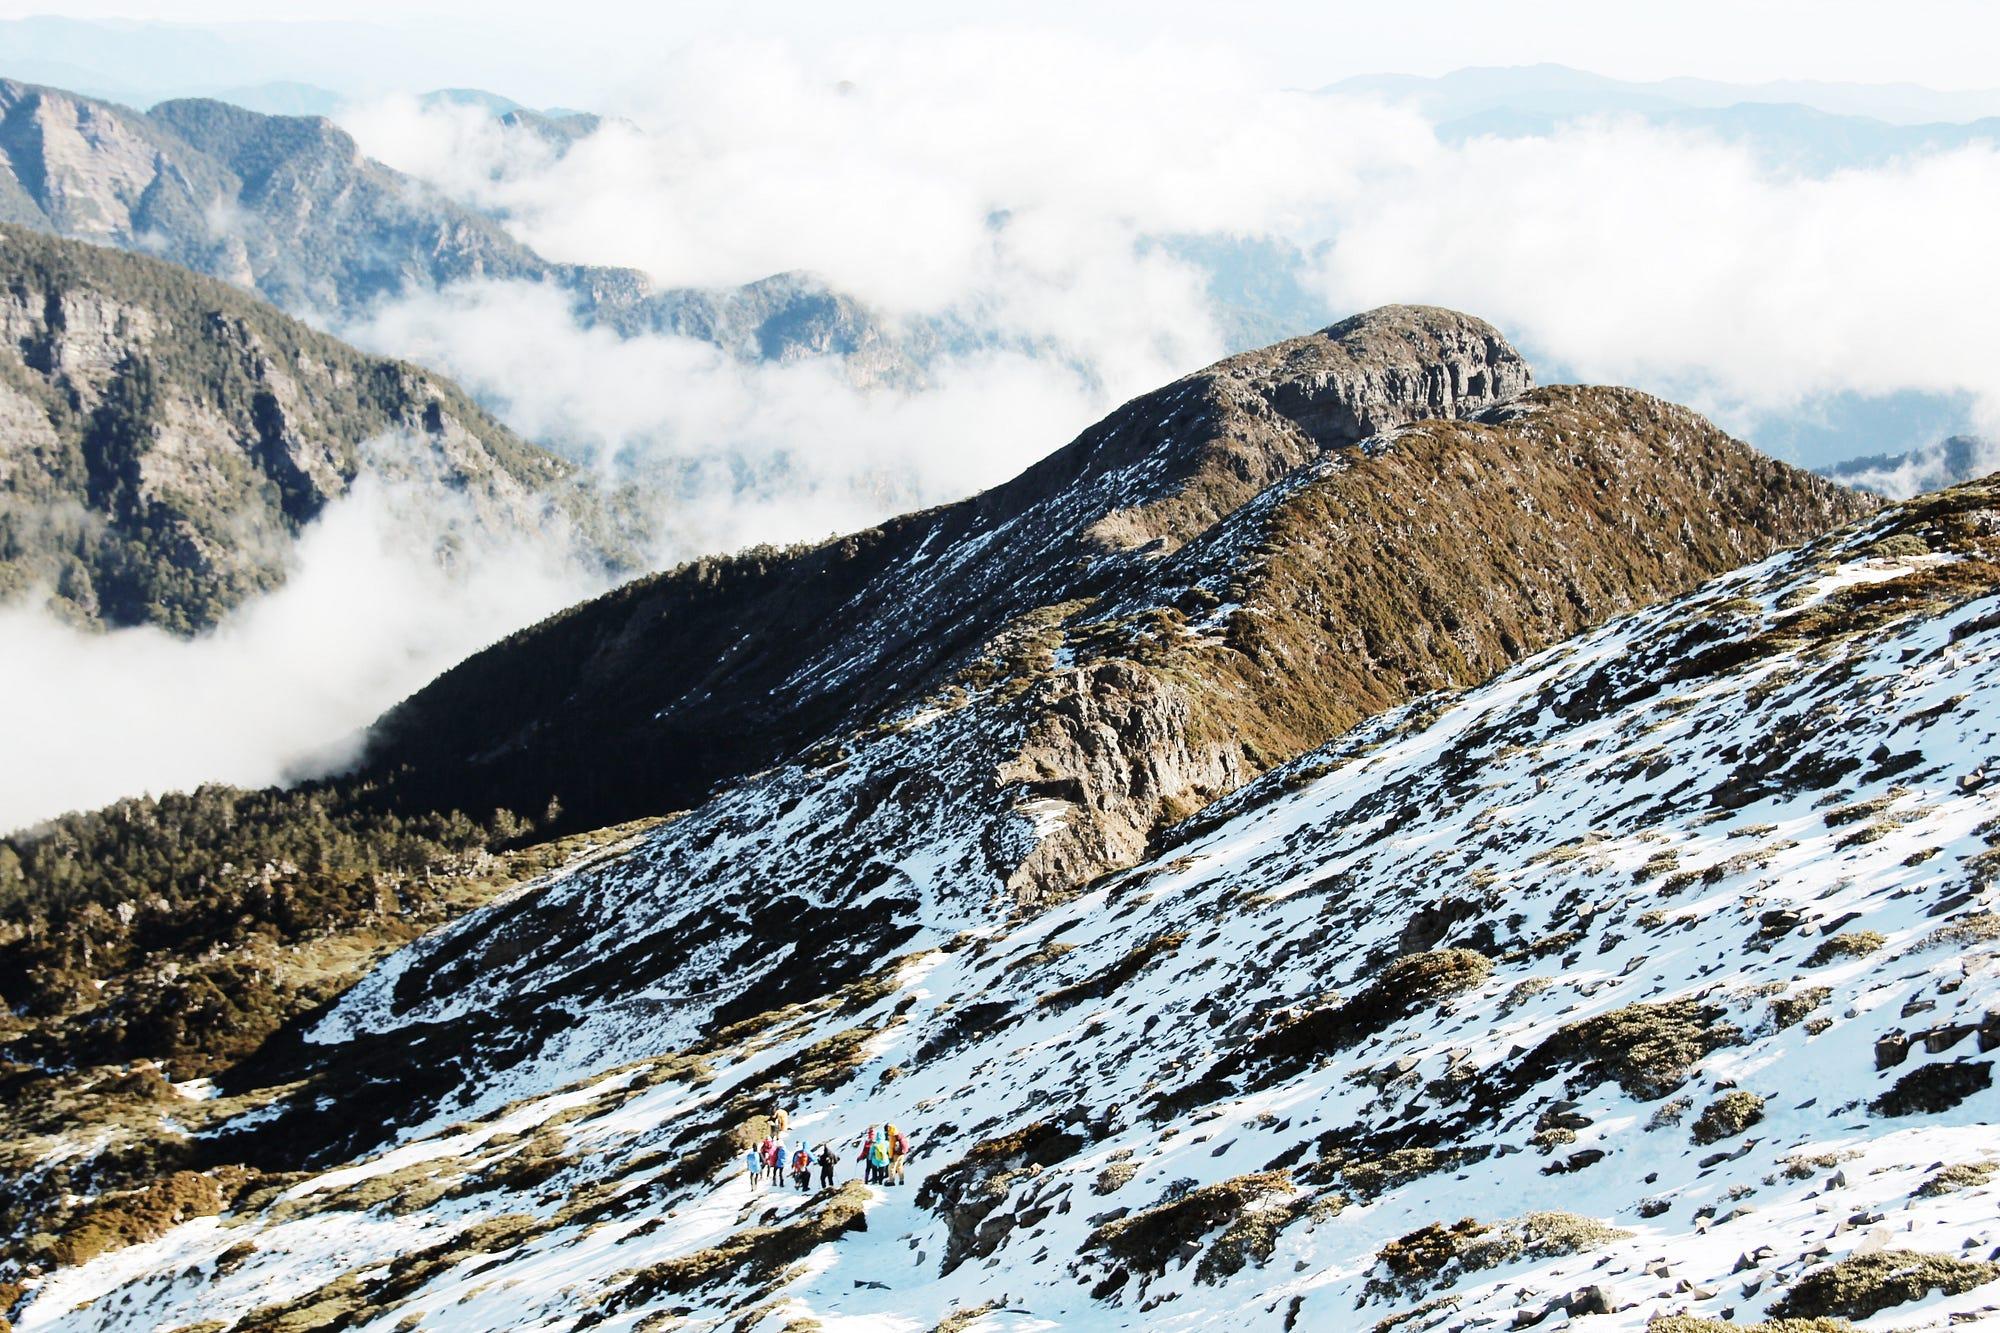 【山】二刷冬季雪山 執行秘密任務 – DRIFTING SOUL – Medium